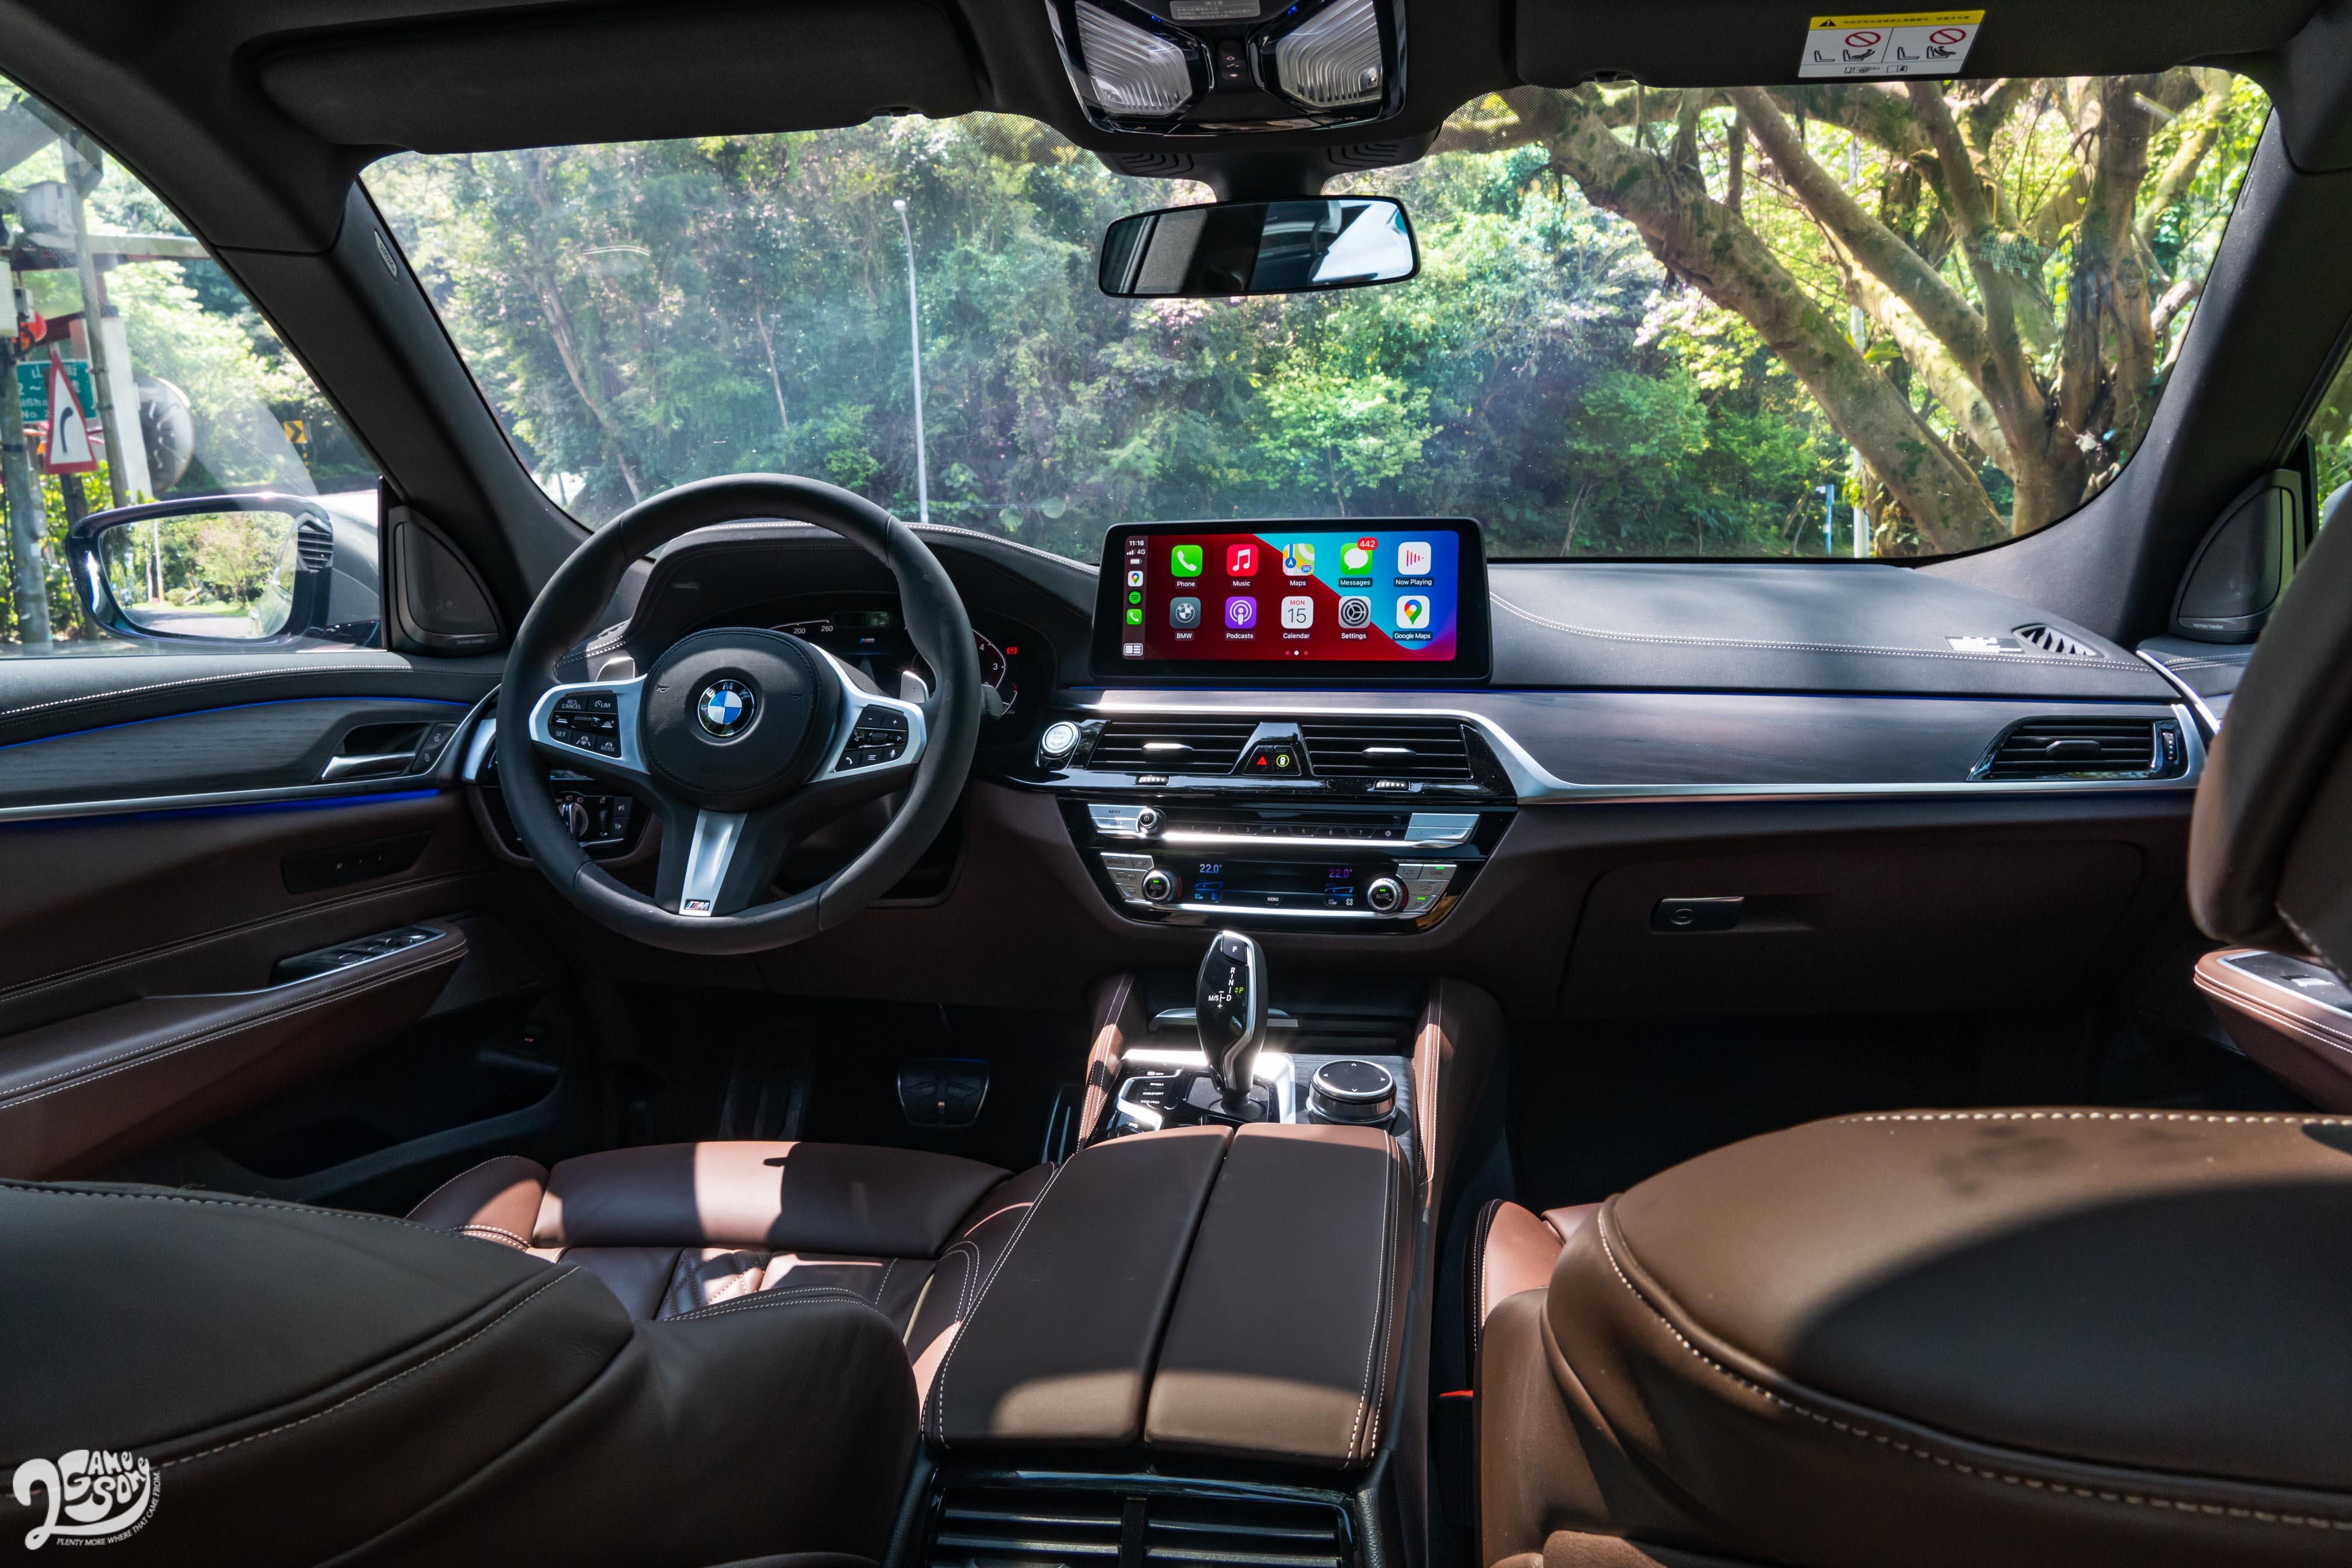 B 柱以前的設計鋪陳,就和同世代的 BMW 車款大同小異。